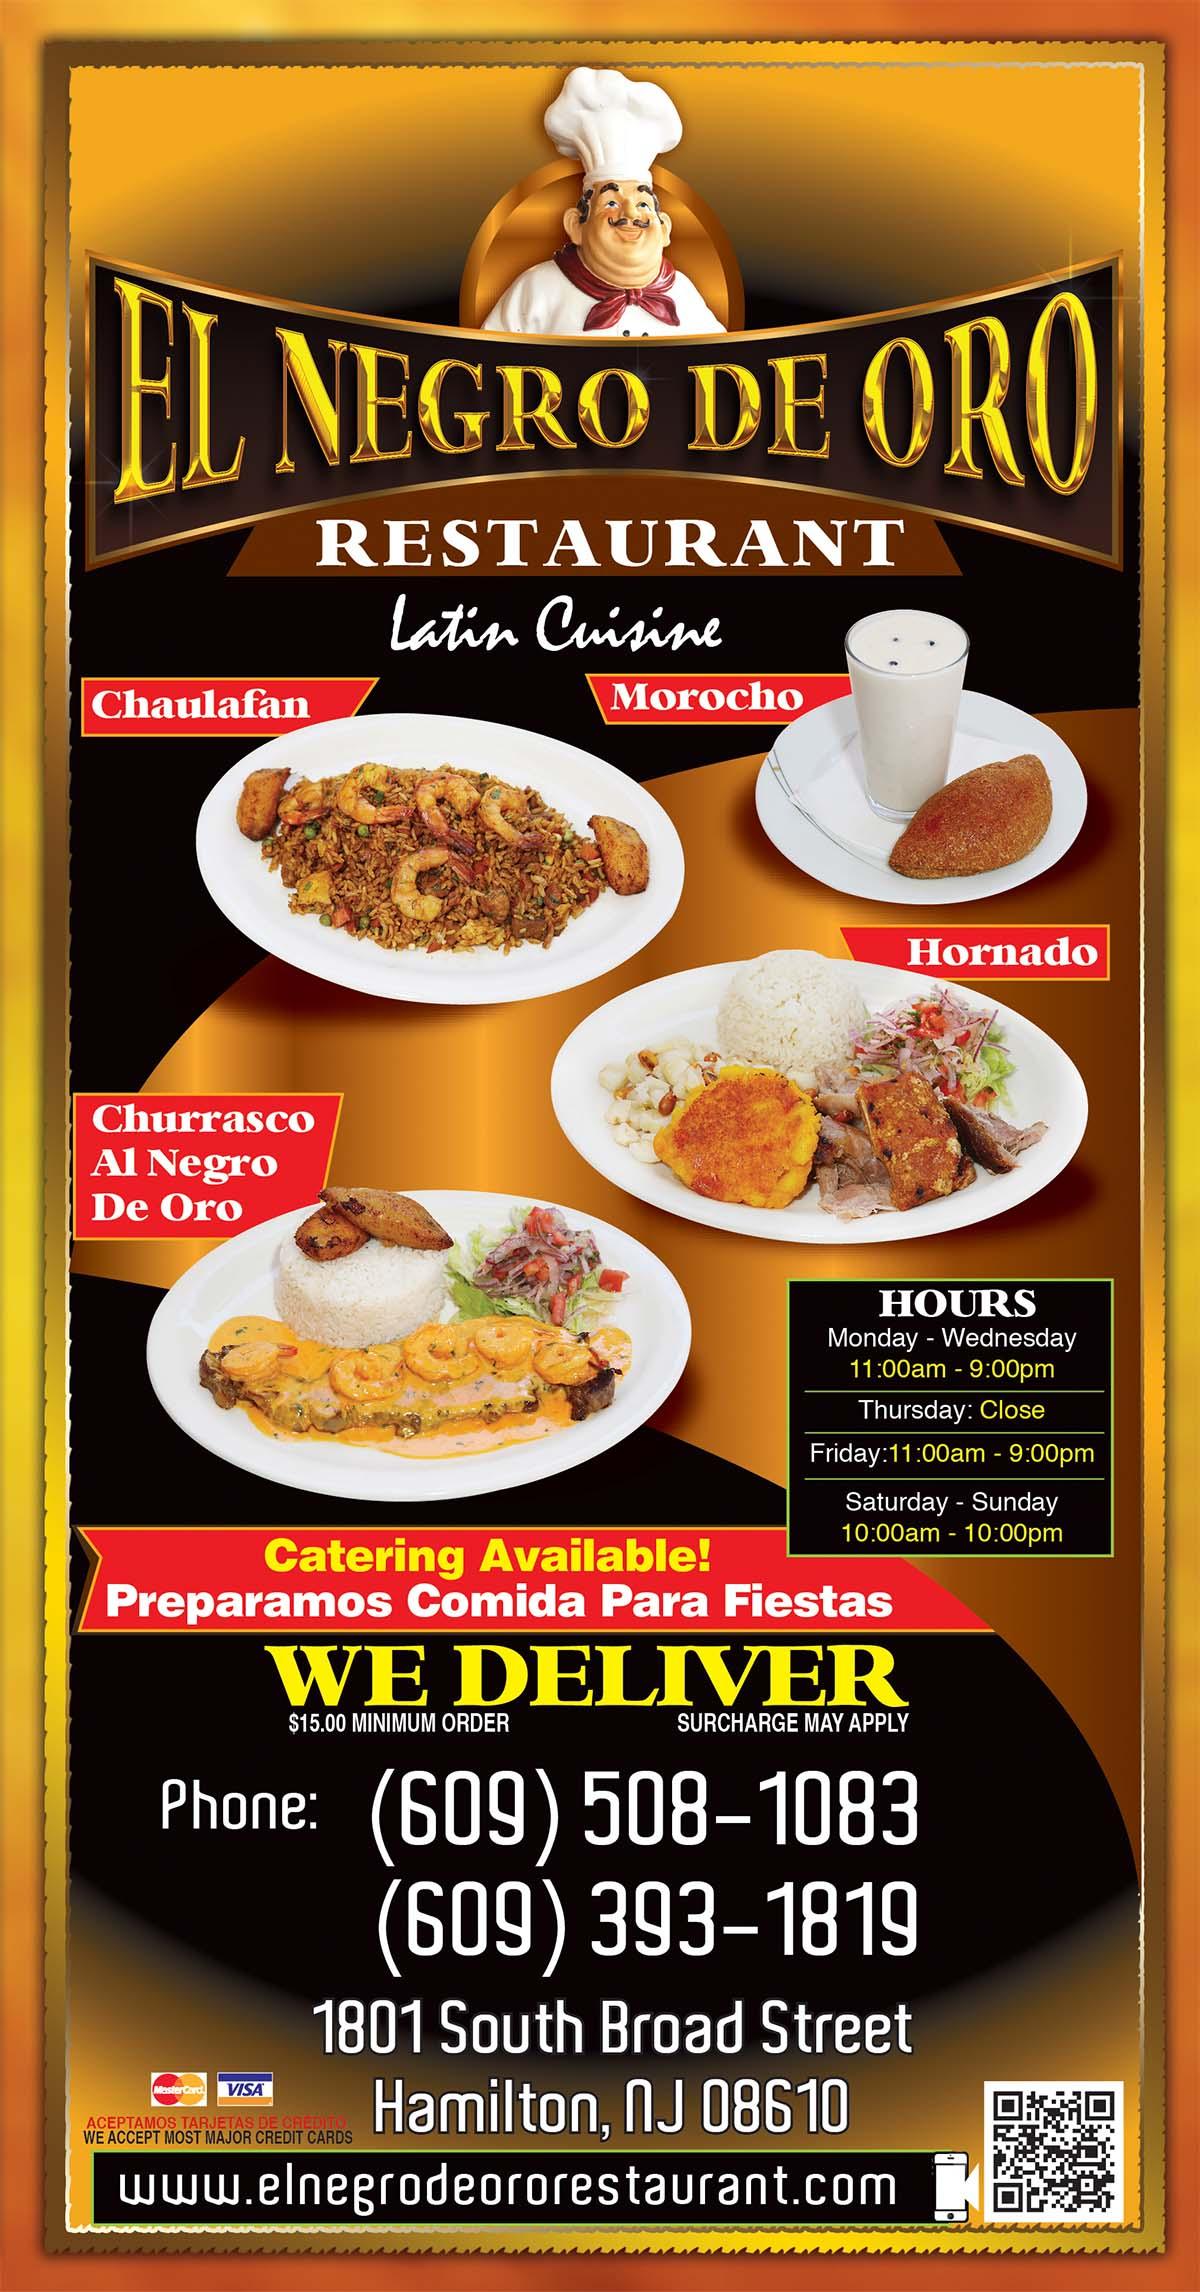 NeGro-De-Oro-Restaurant-Menu-2017-Page-1